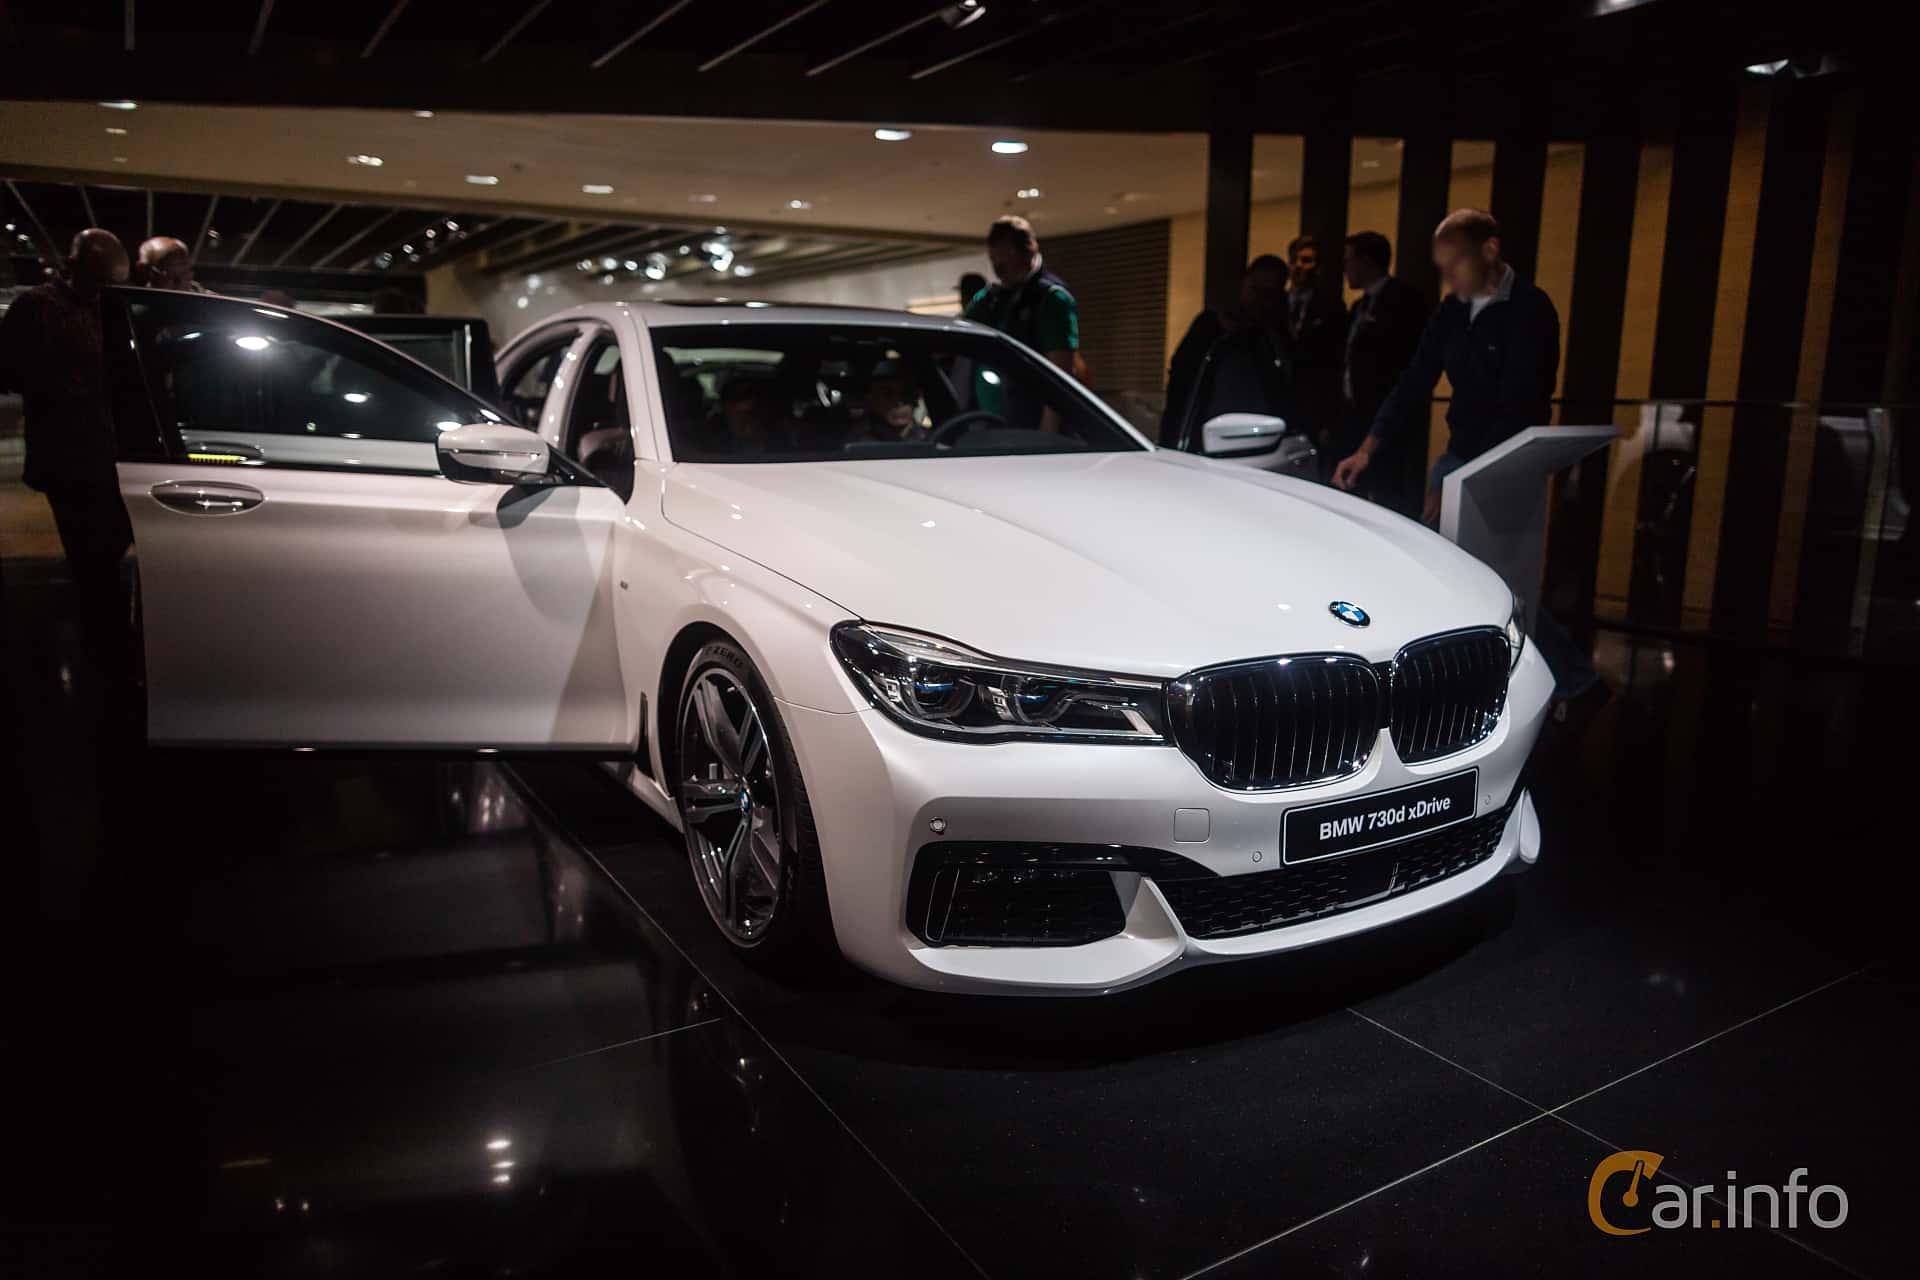 Worksheet. BMW 730i 20 258hp 2017